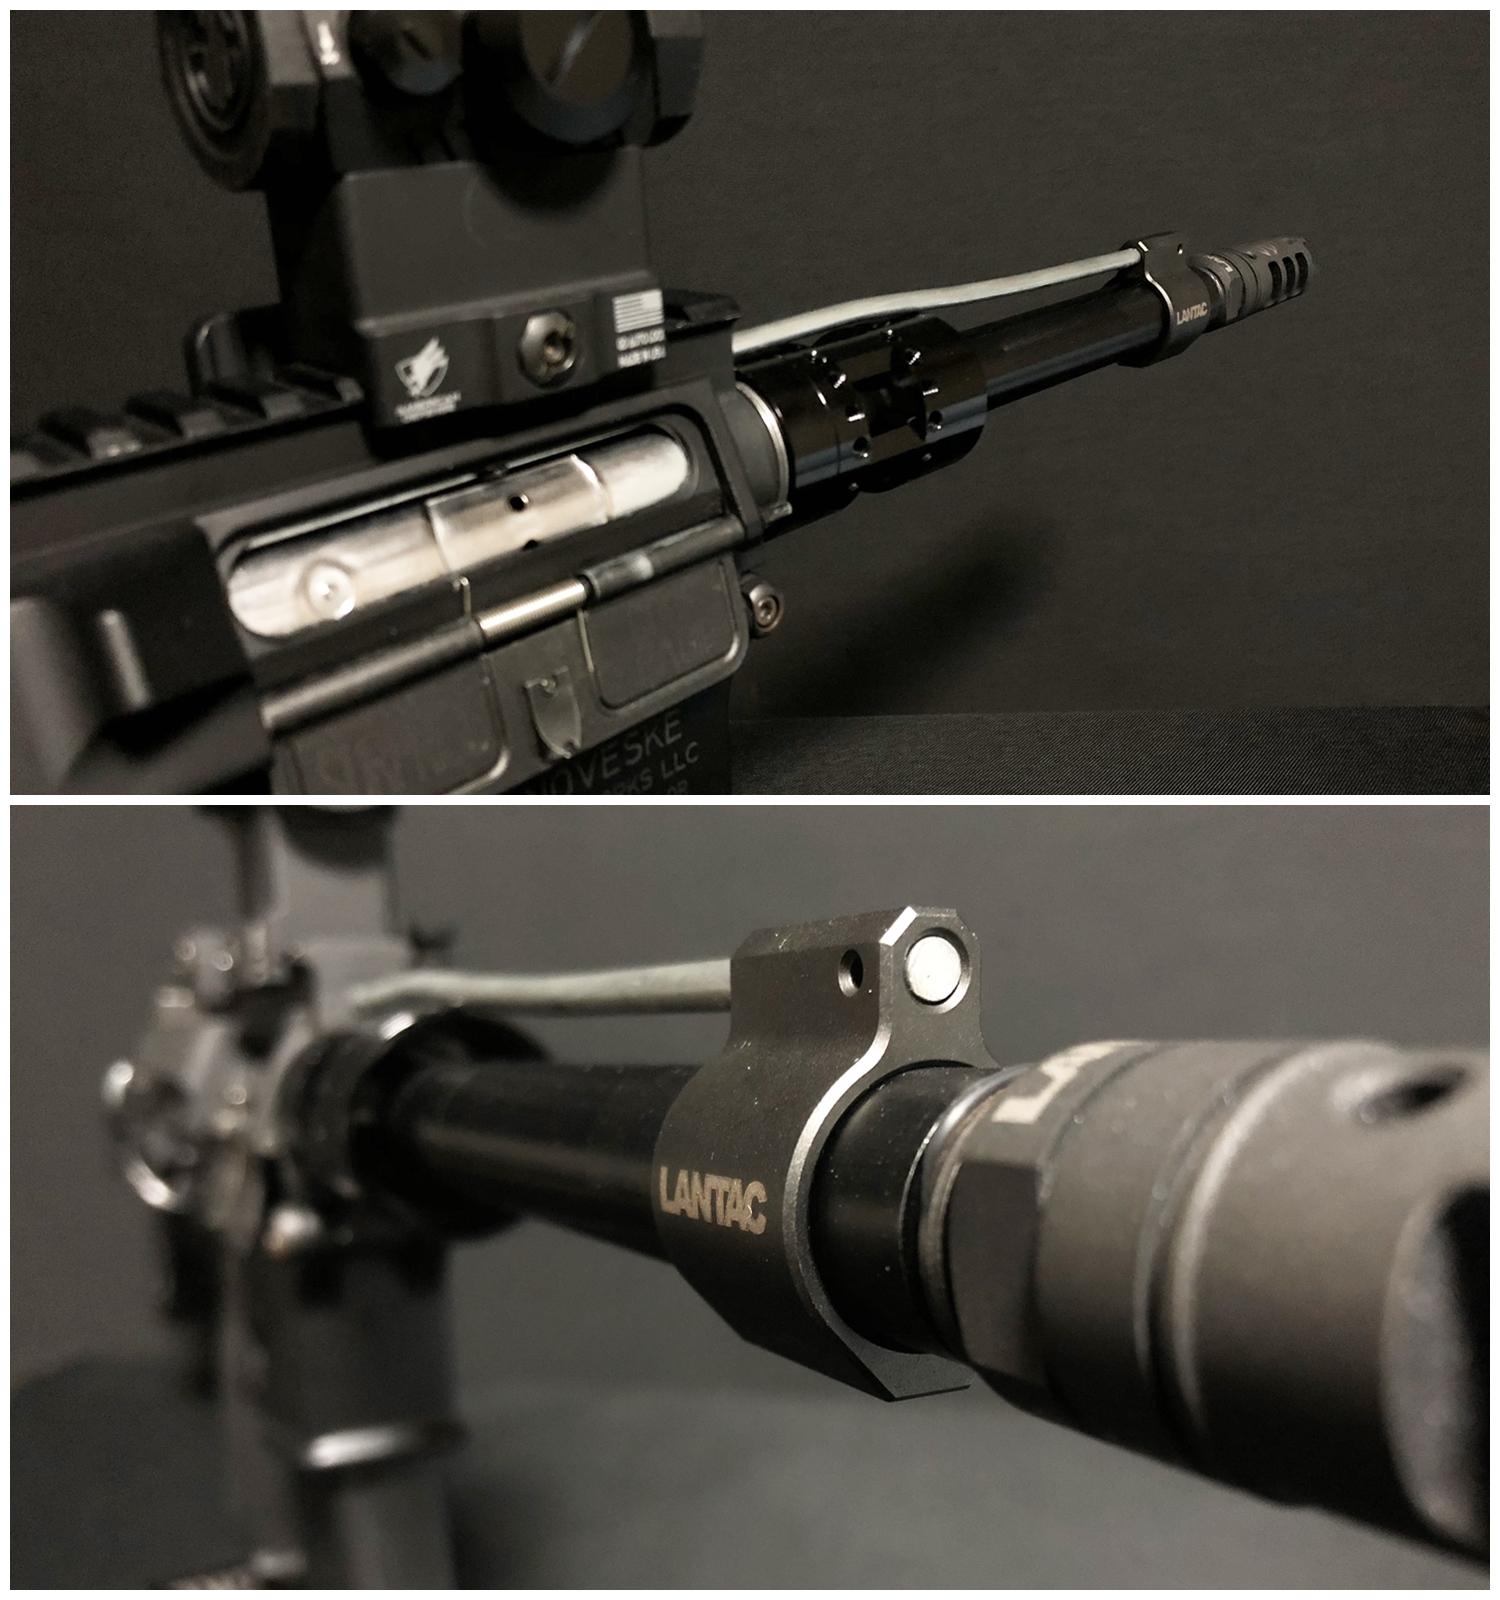 16 実物 LANTAC ULTRA LOW PROFILE GAS BLOCK 750 AR15 556 MADE IN THE USA ガスブロック 購入 取付 次世代 M4 CQB-R カスタム レビュー!!